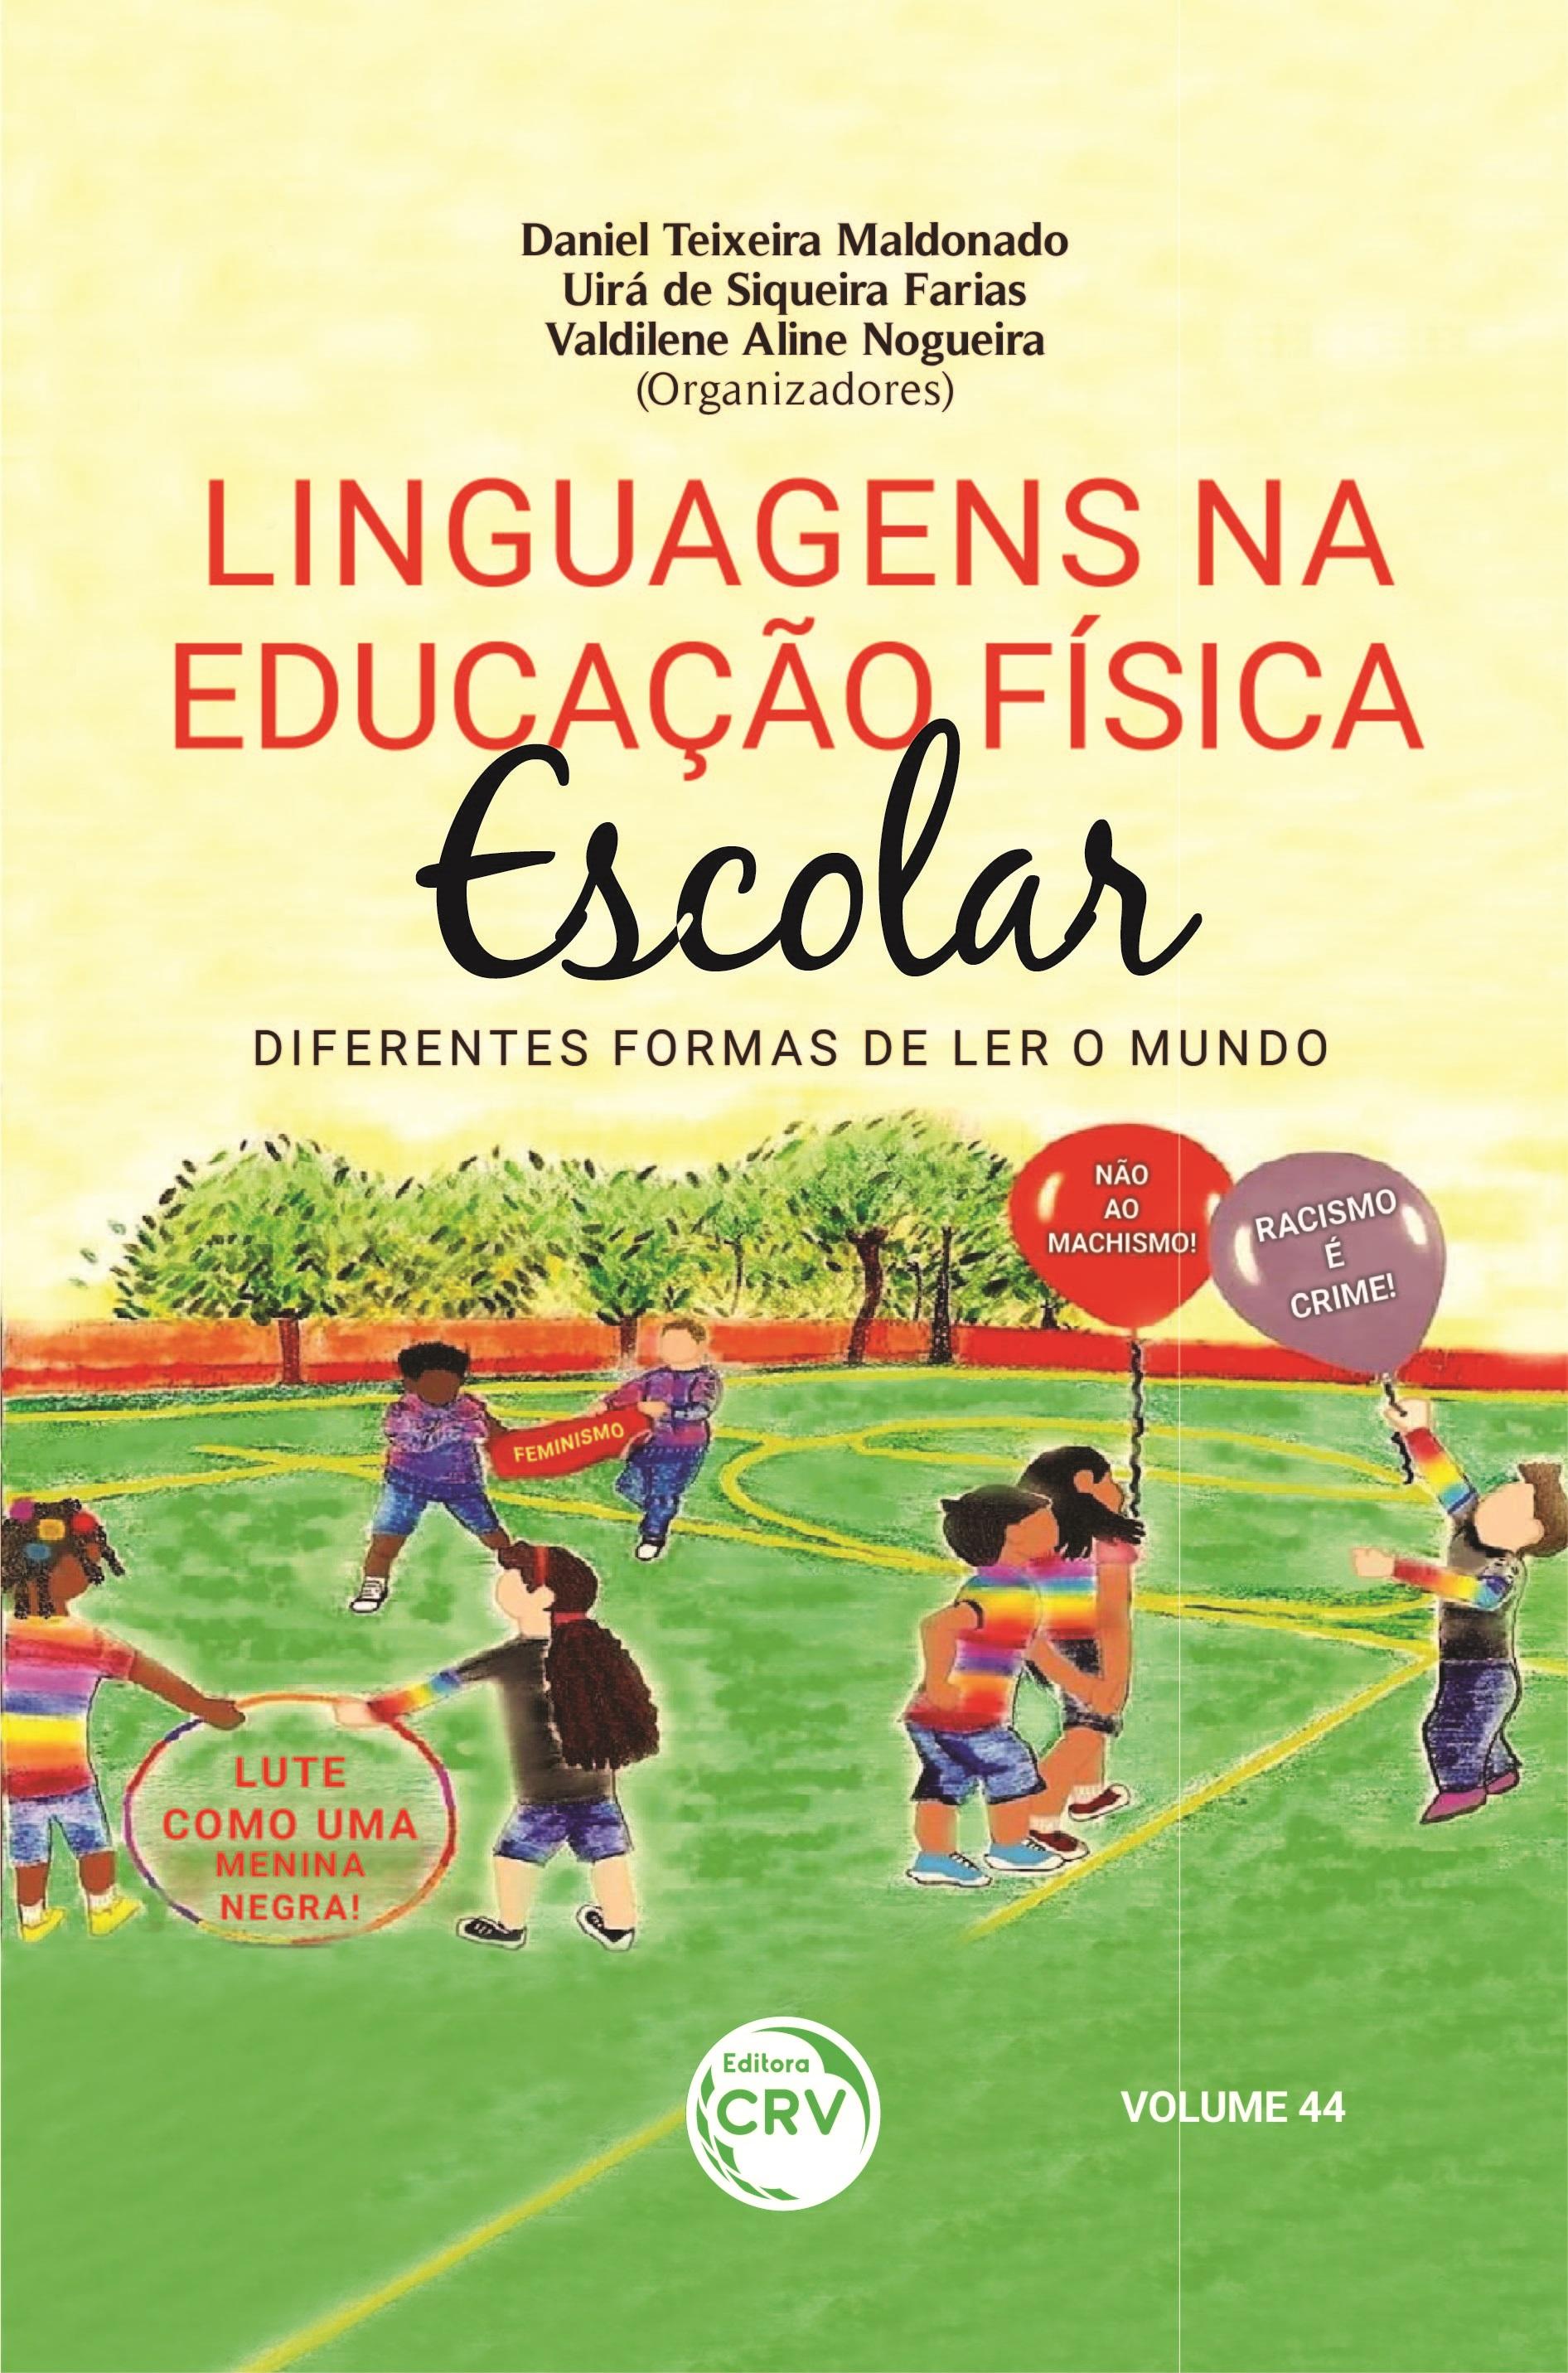 Capa do livro: LINGUAGENS NA EDUCAÇÃO FÍSICA ESCOLAR:<br> diferentes formas de ler o mundo <br> Volume 44